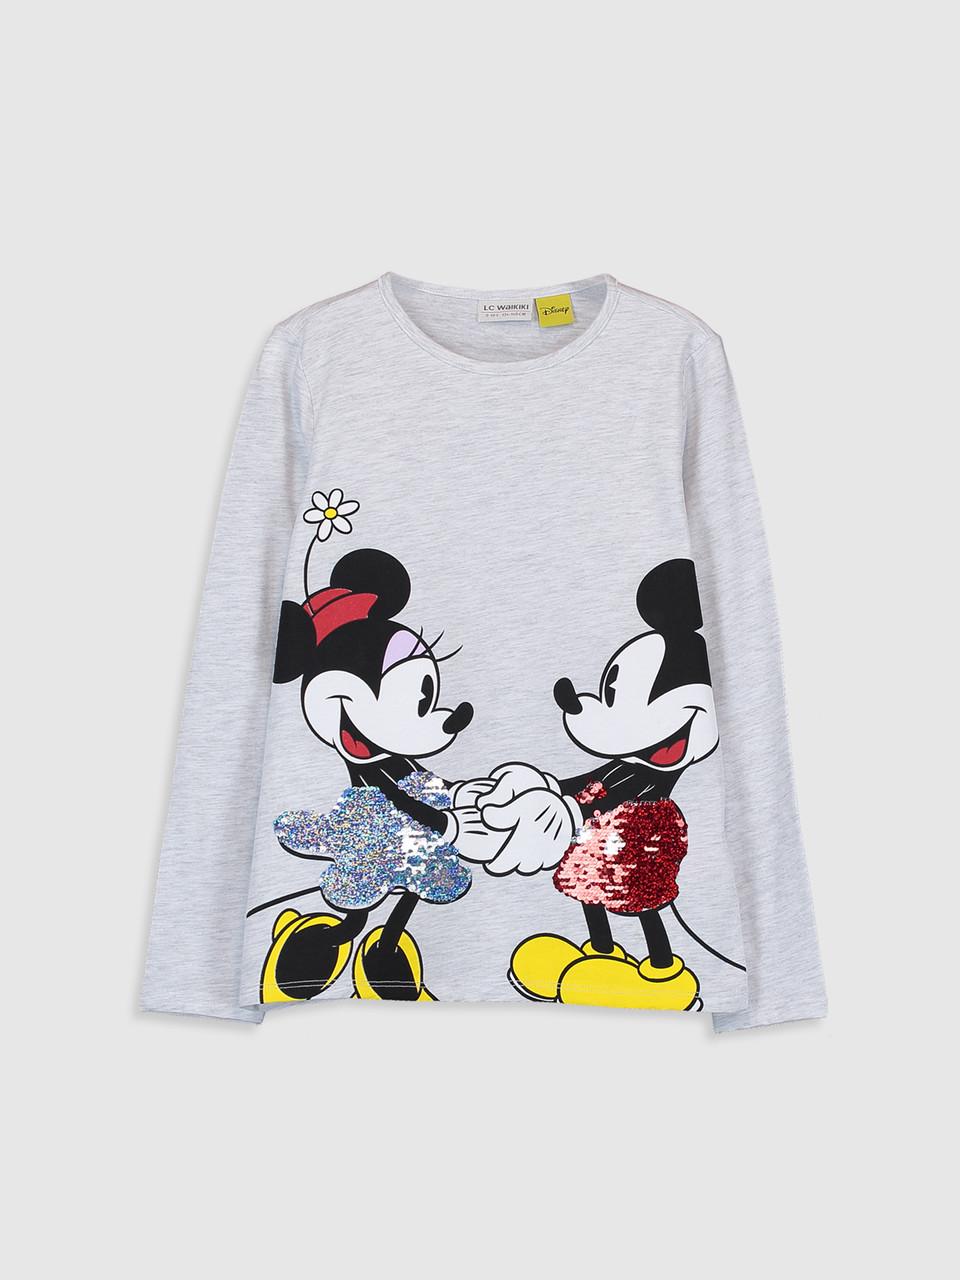 Футболка с длинным рукавом  для девочек Mickey Mouse, футболка детская